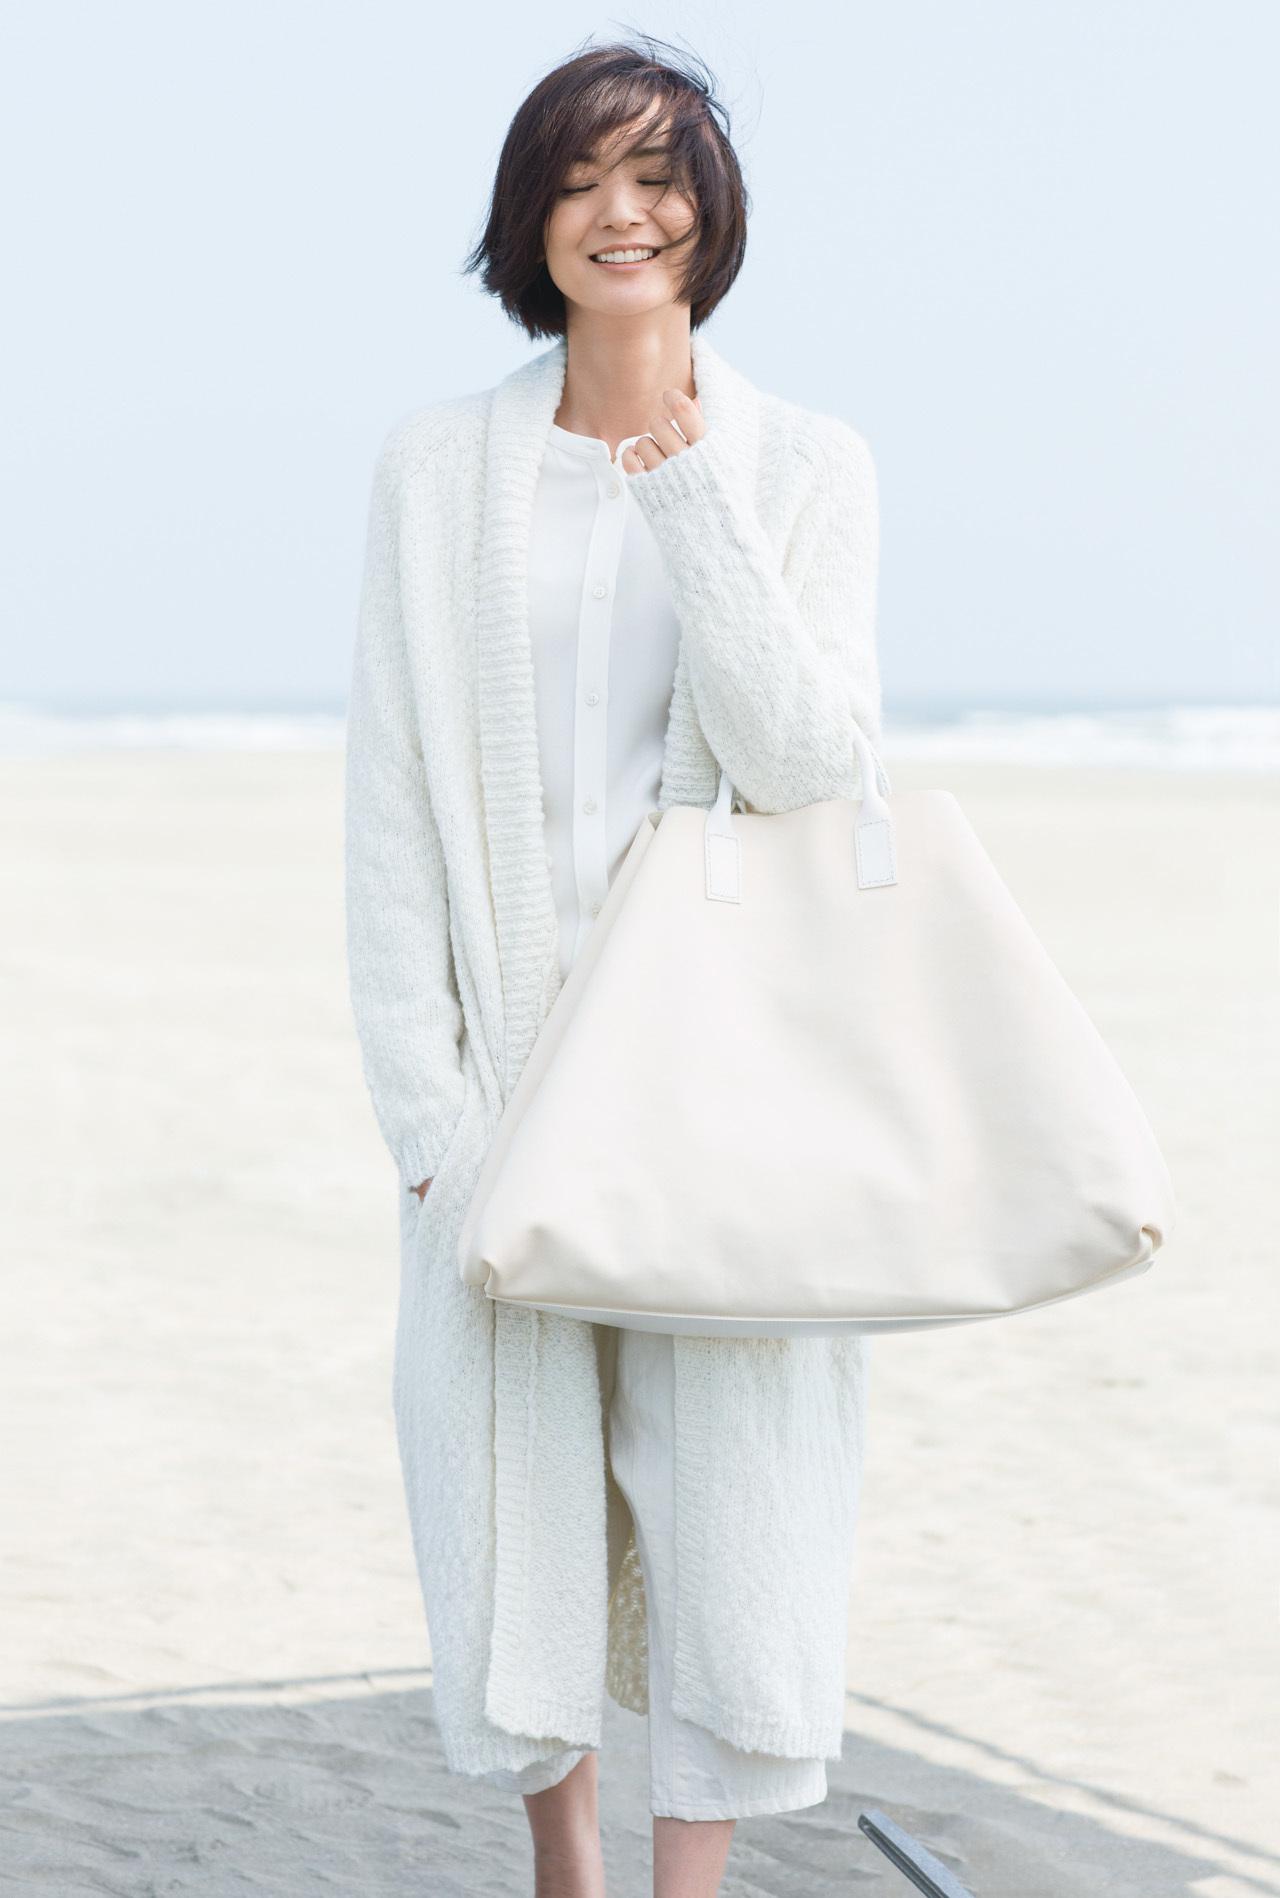 富岡佳子 、ウインターホワイトに包まれて 五選_3_1